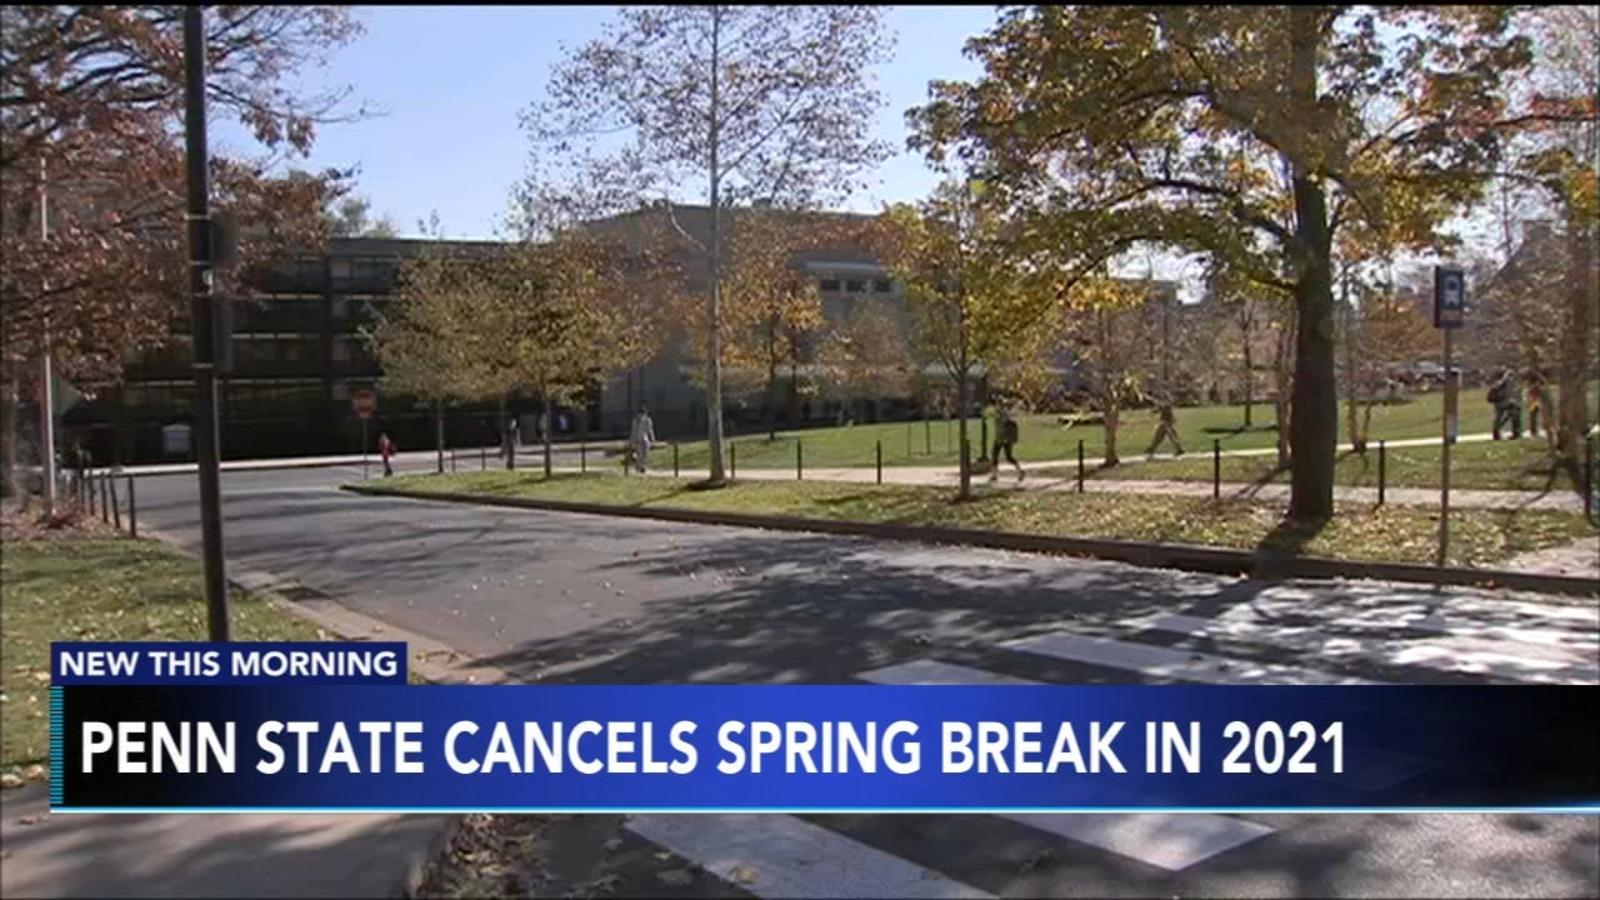 Penn State Spring 2021 Calendar Penn State University cancels spring break in 2021   6abc Philadelphia